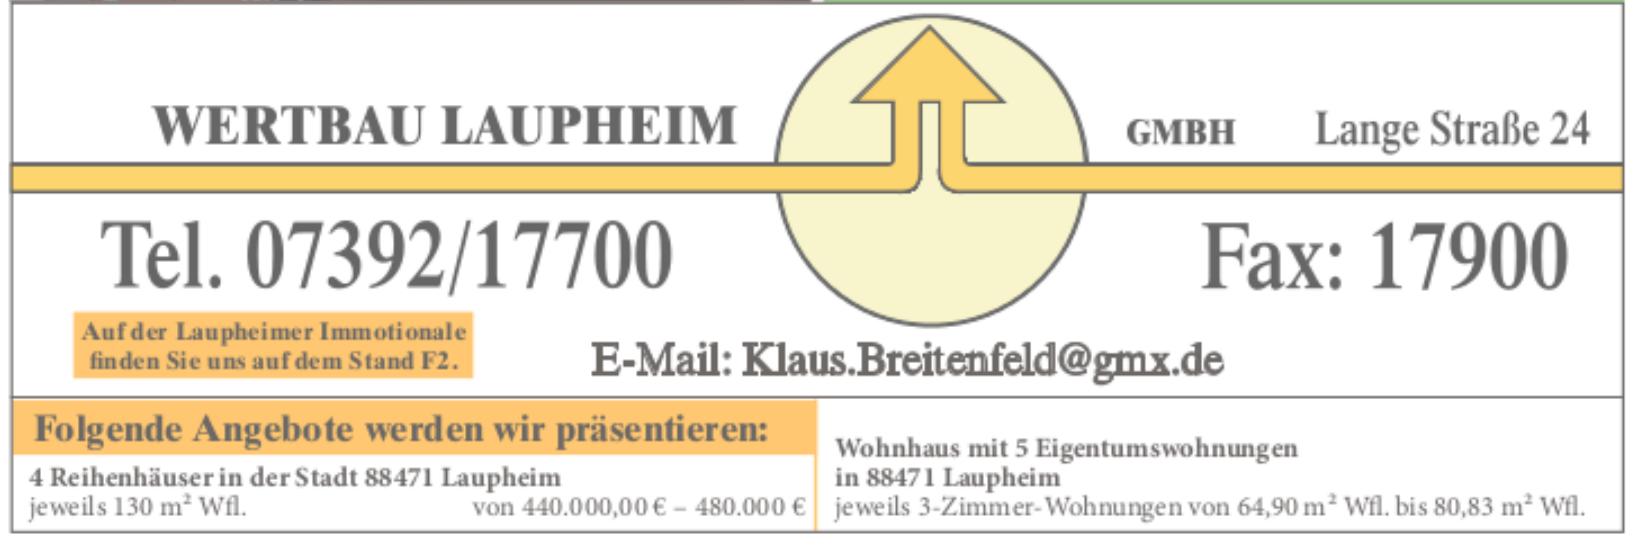 Wertbau Laupheim GmbH